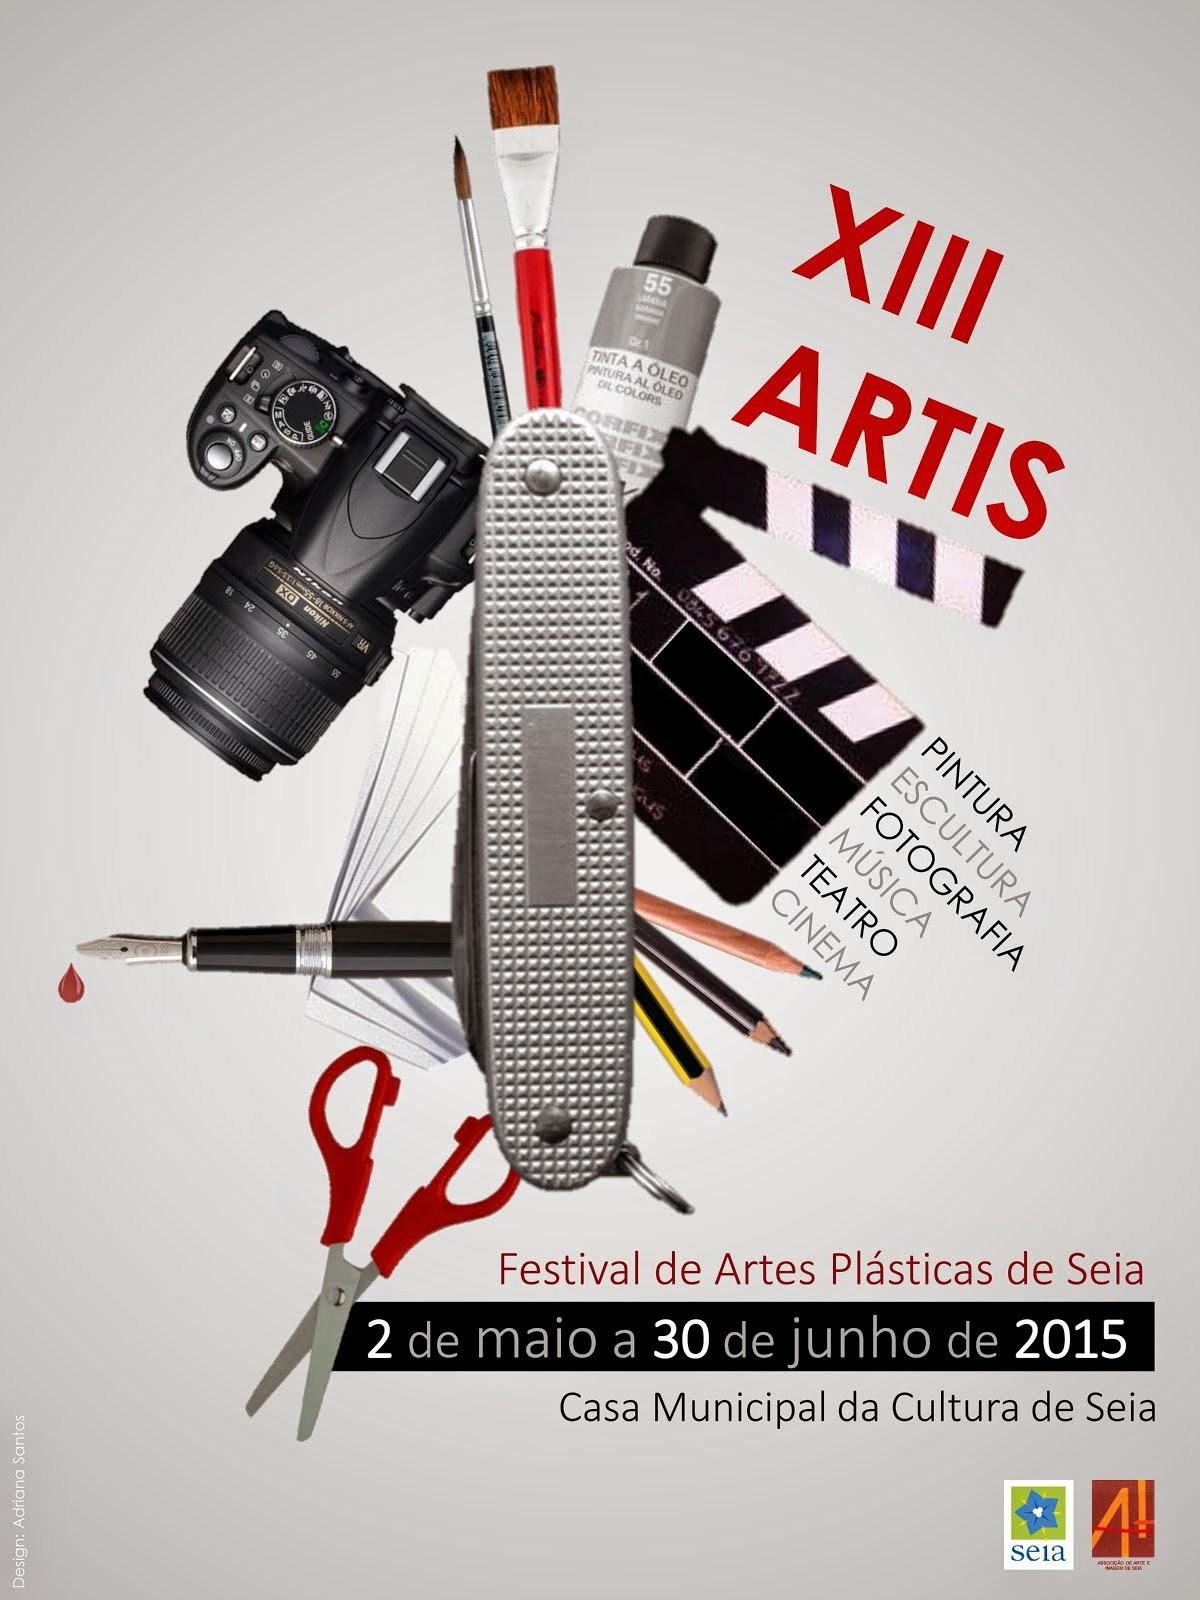 ARTIS 2015